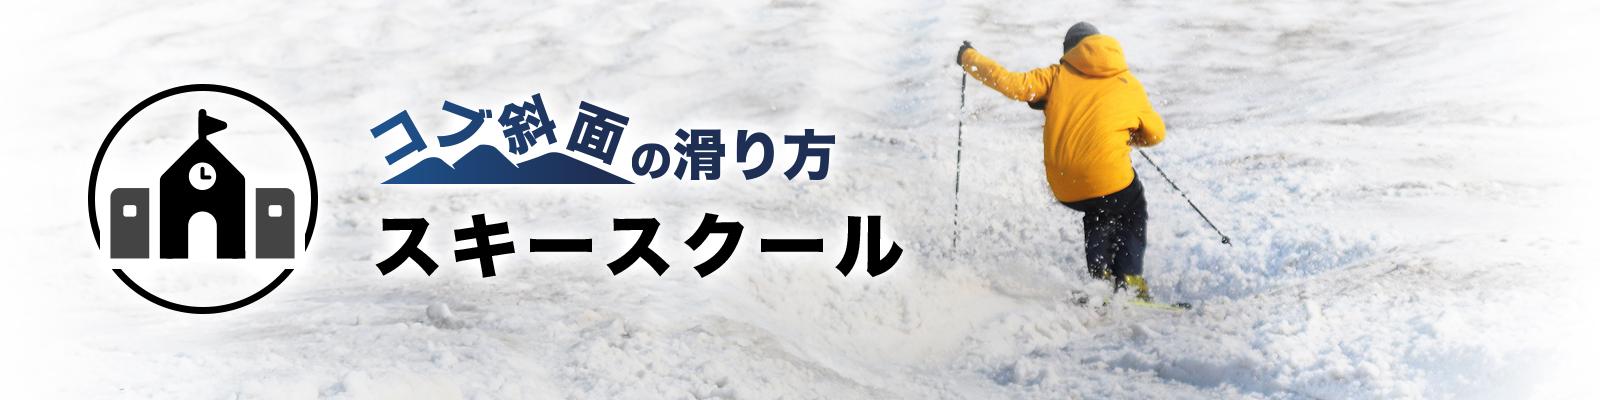 はじめてでもできる!コブ斜面の滑り方 スキースクール